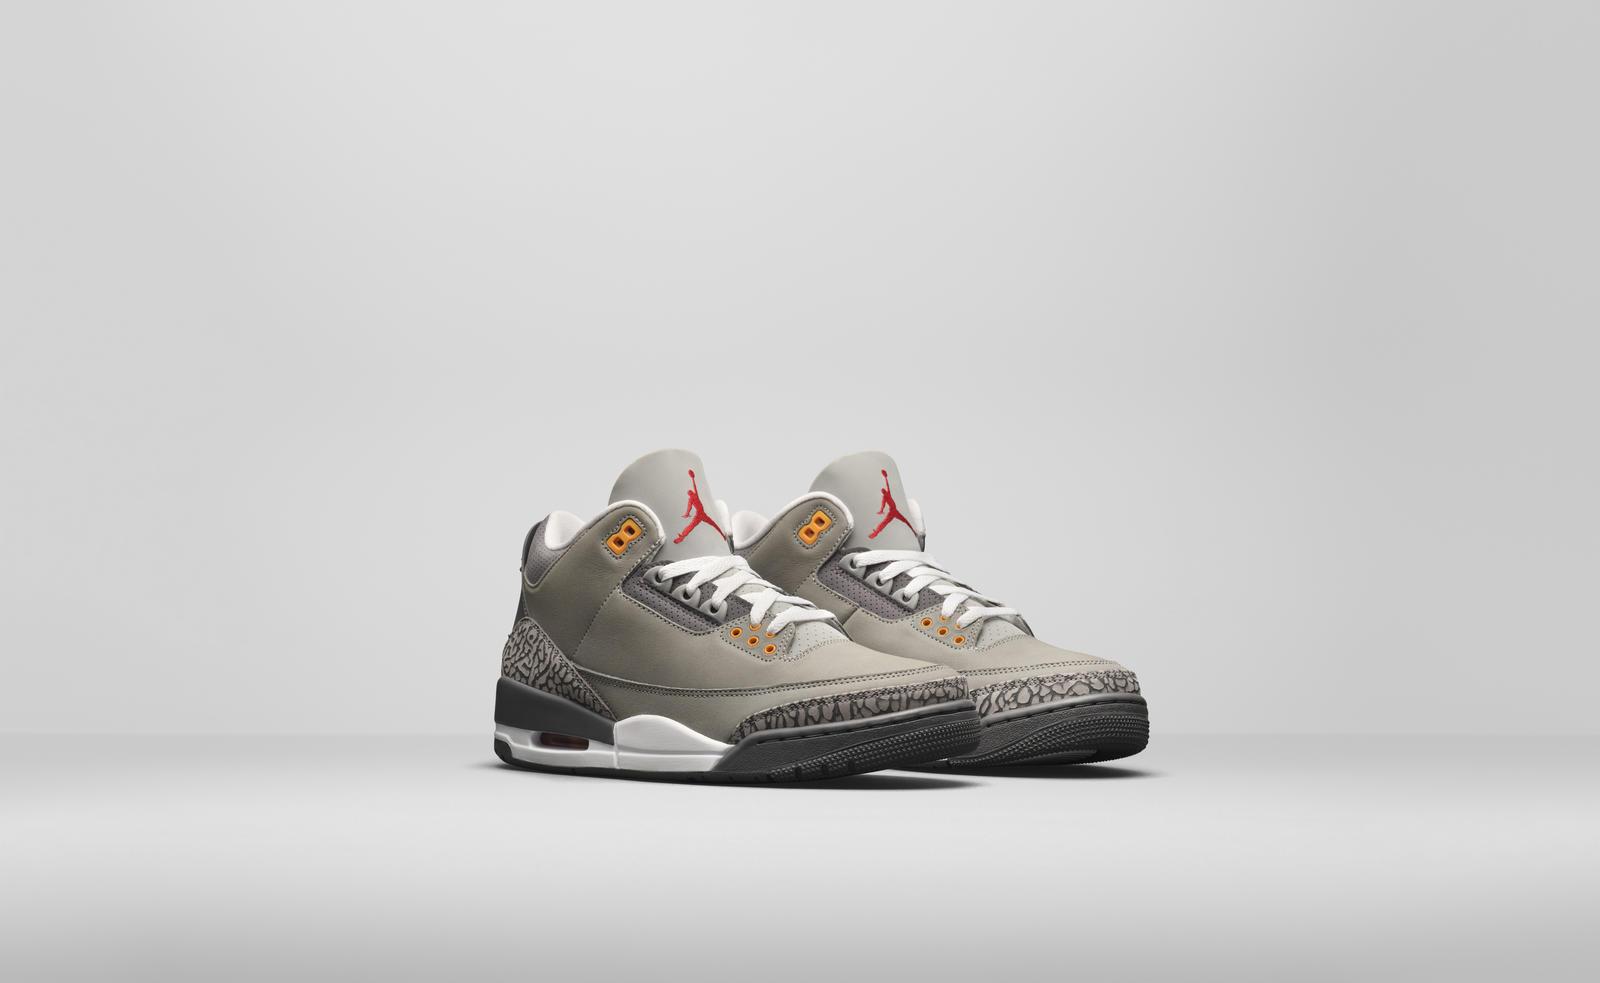 Air Jordan 3 'Cool Grey'January 30, 2021